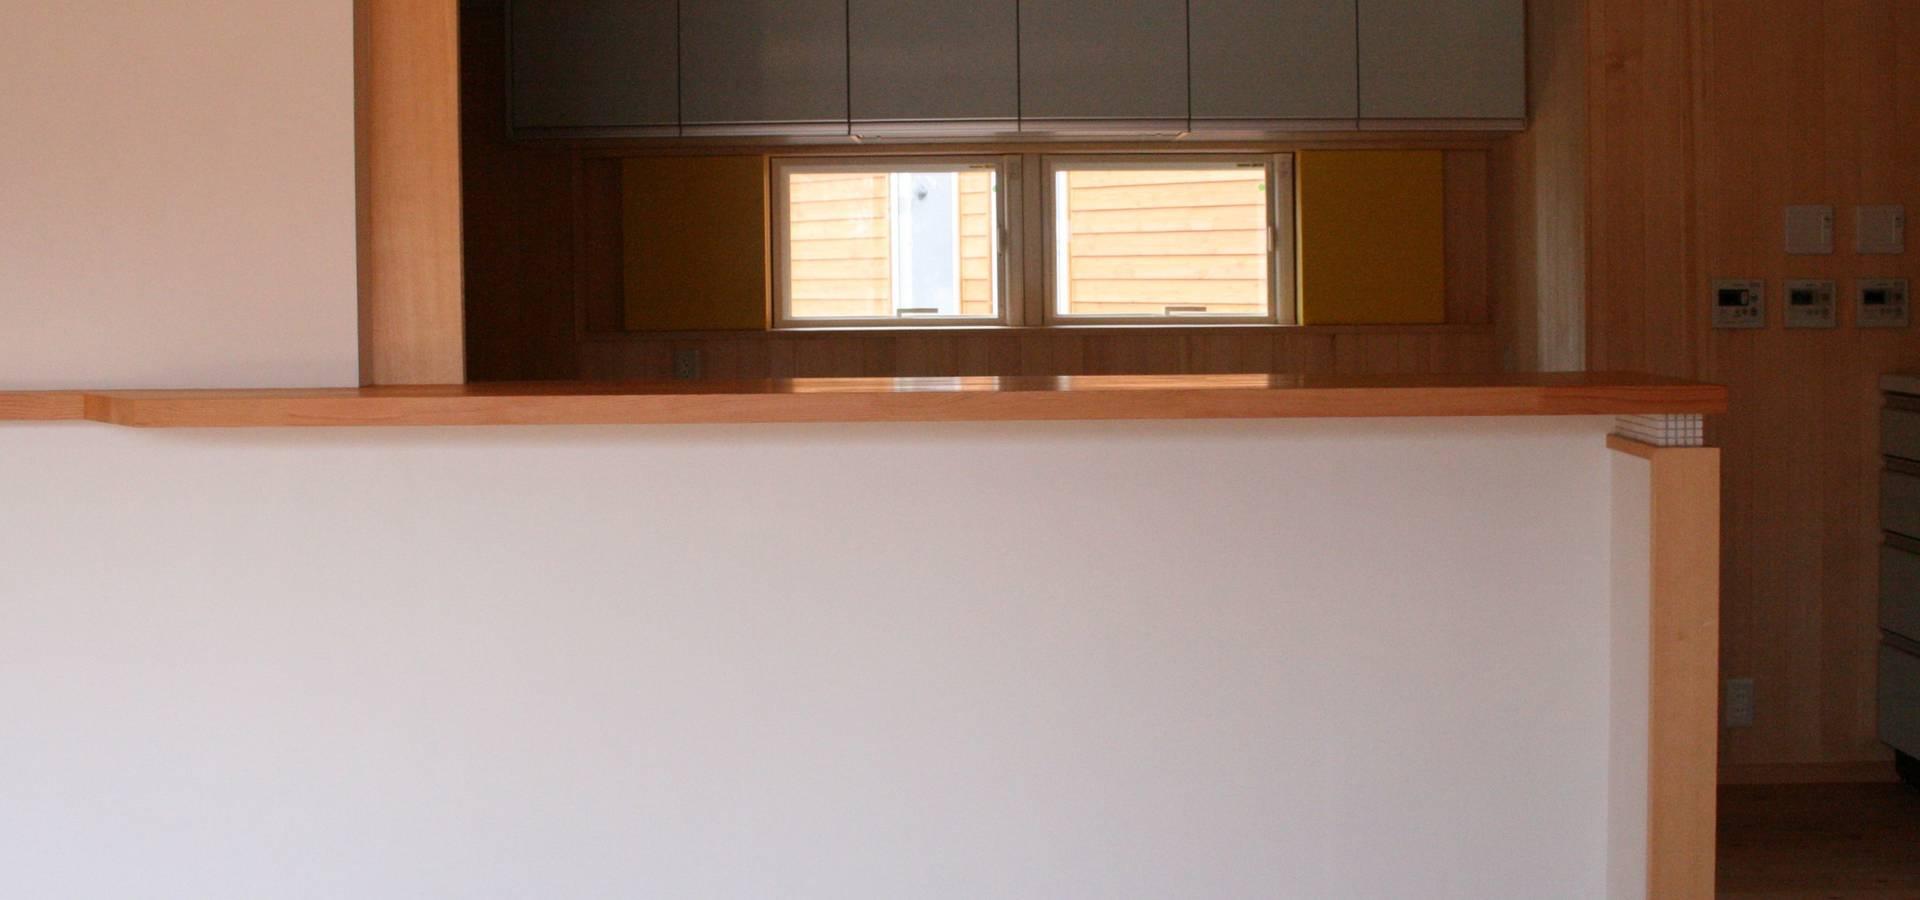 川田稔設計室一級建築士事務所